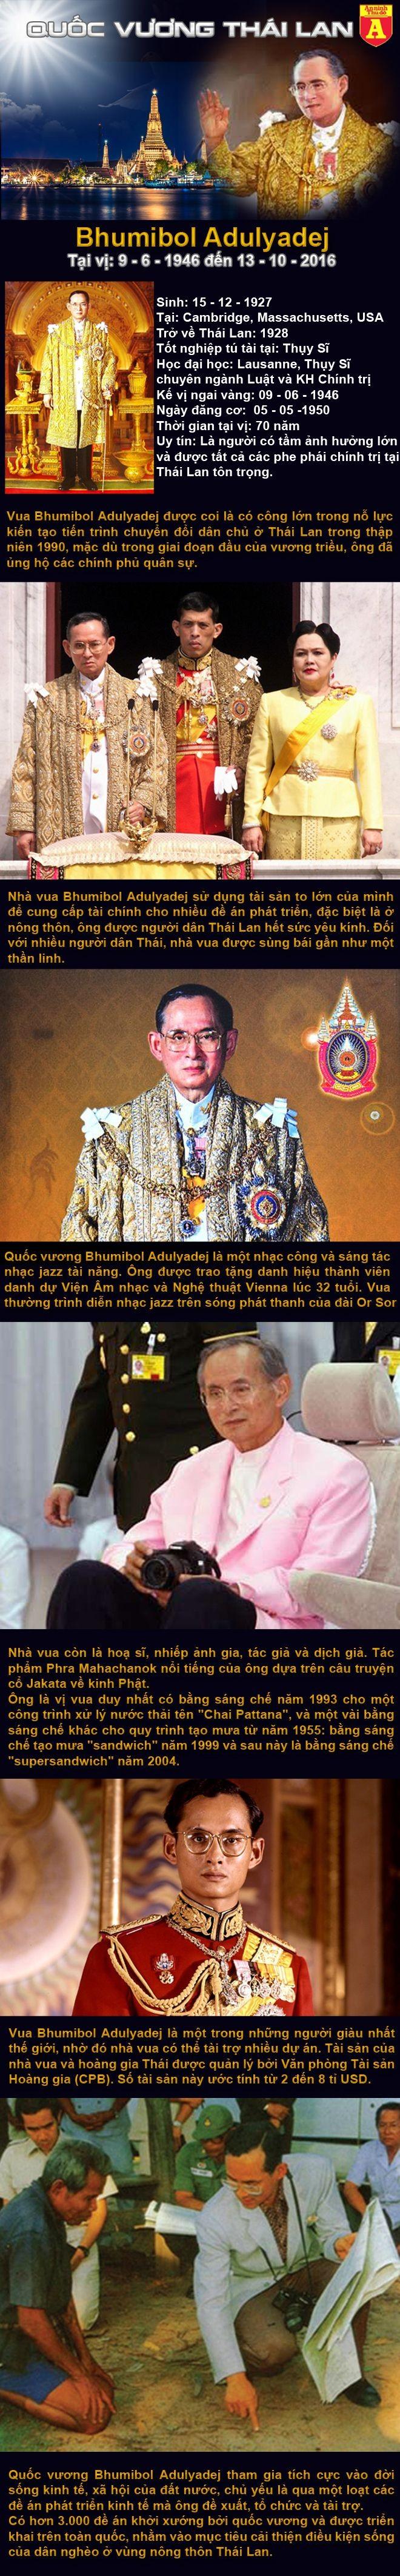 [infographic] Chân dung Vị vua được 68 triệu người Thái yêu kính